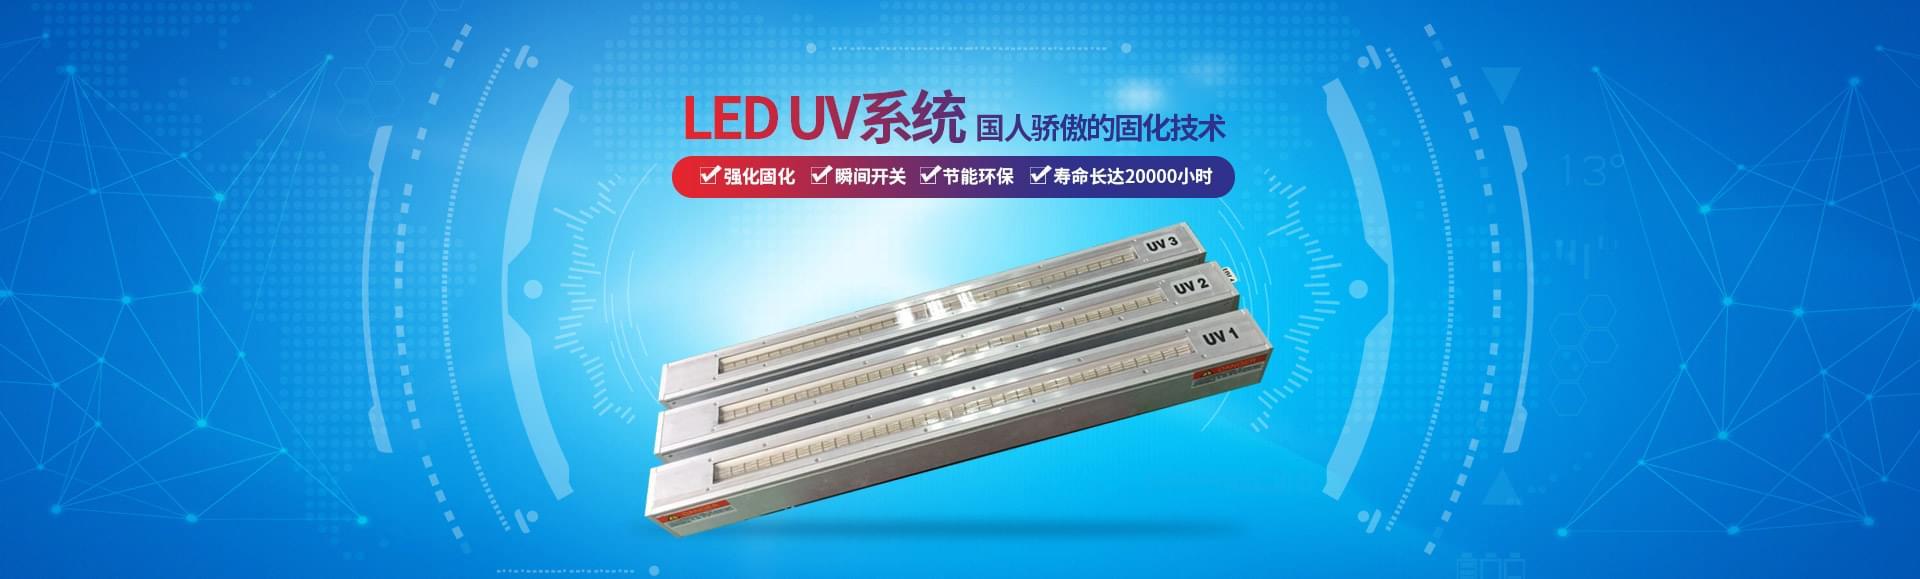 立丹源-LED UV系统